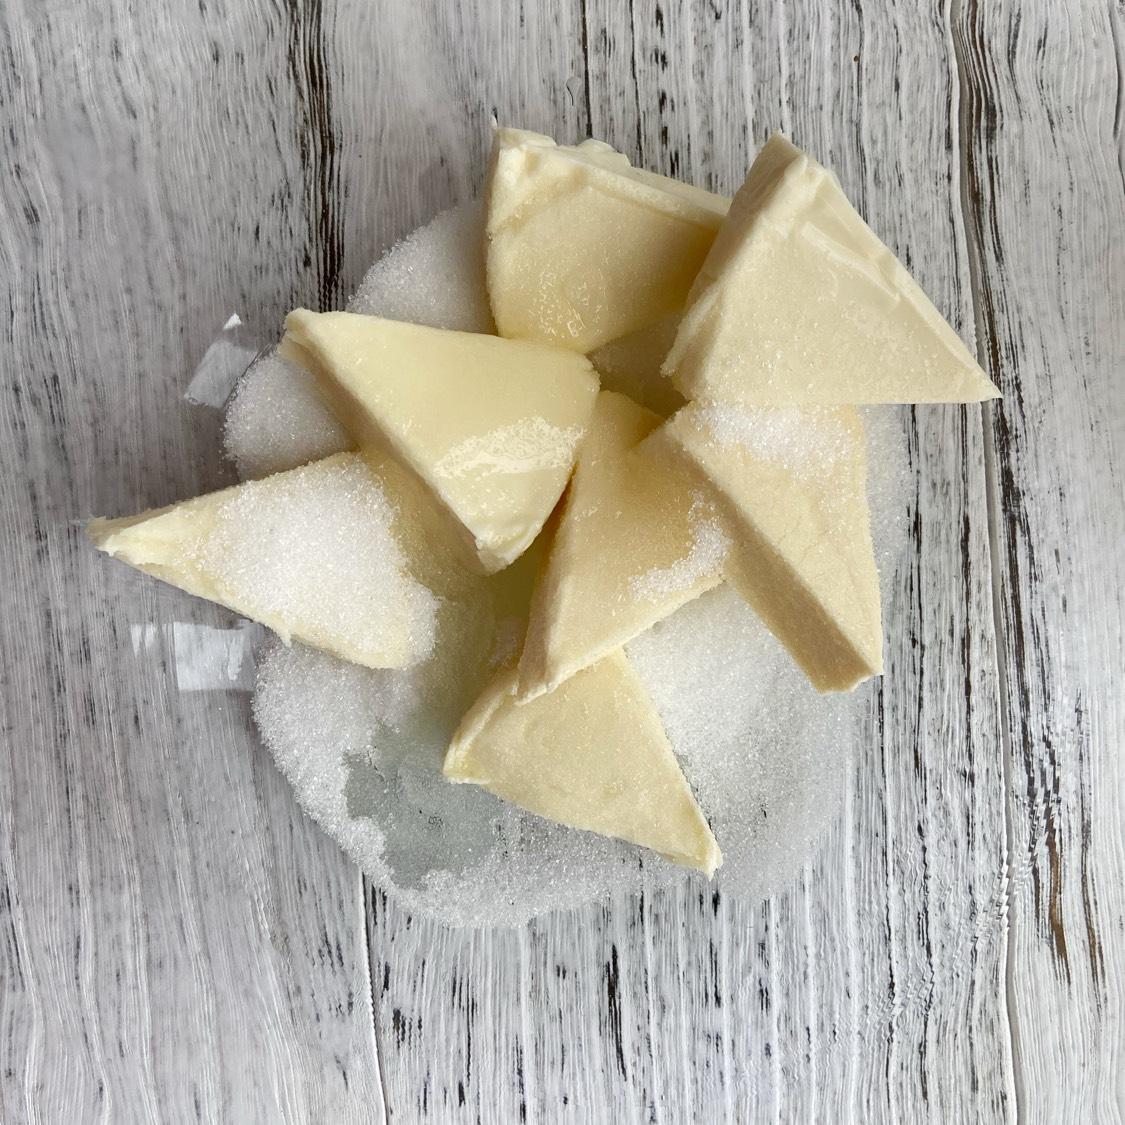 奶油奶酪温室软化,加入糖,柠檬汁打发至顺滑